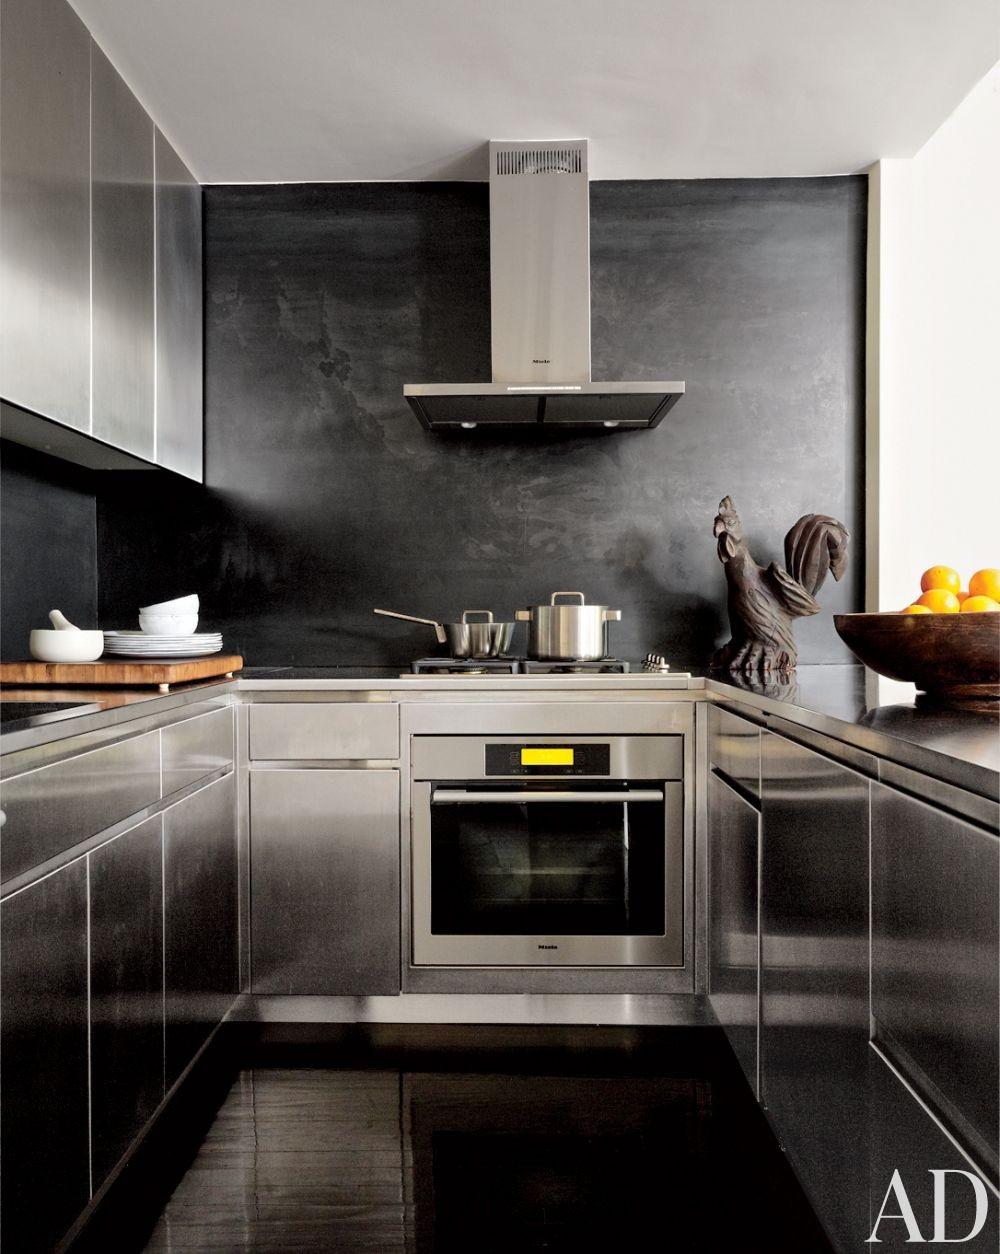 Modern Kitchen by Robert Passal Interior & Architectural Design in New York, New York